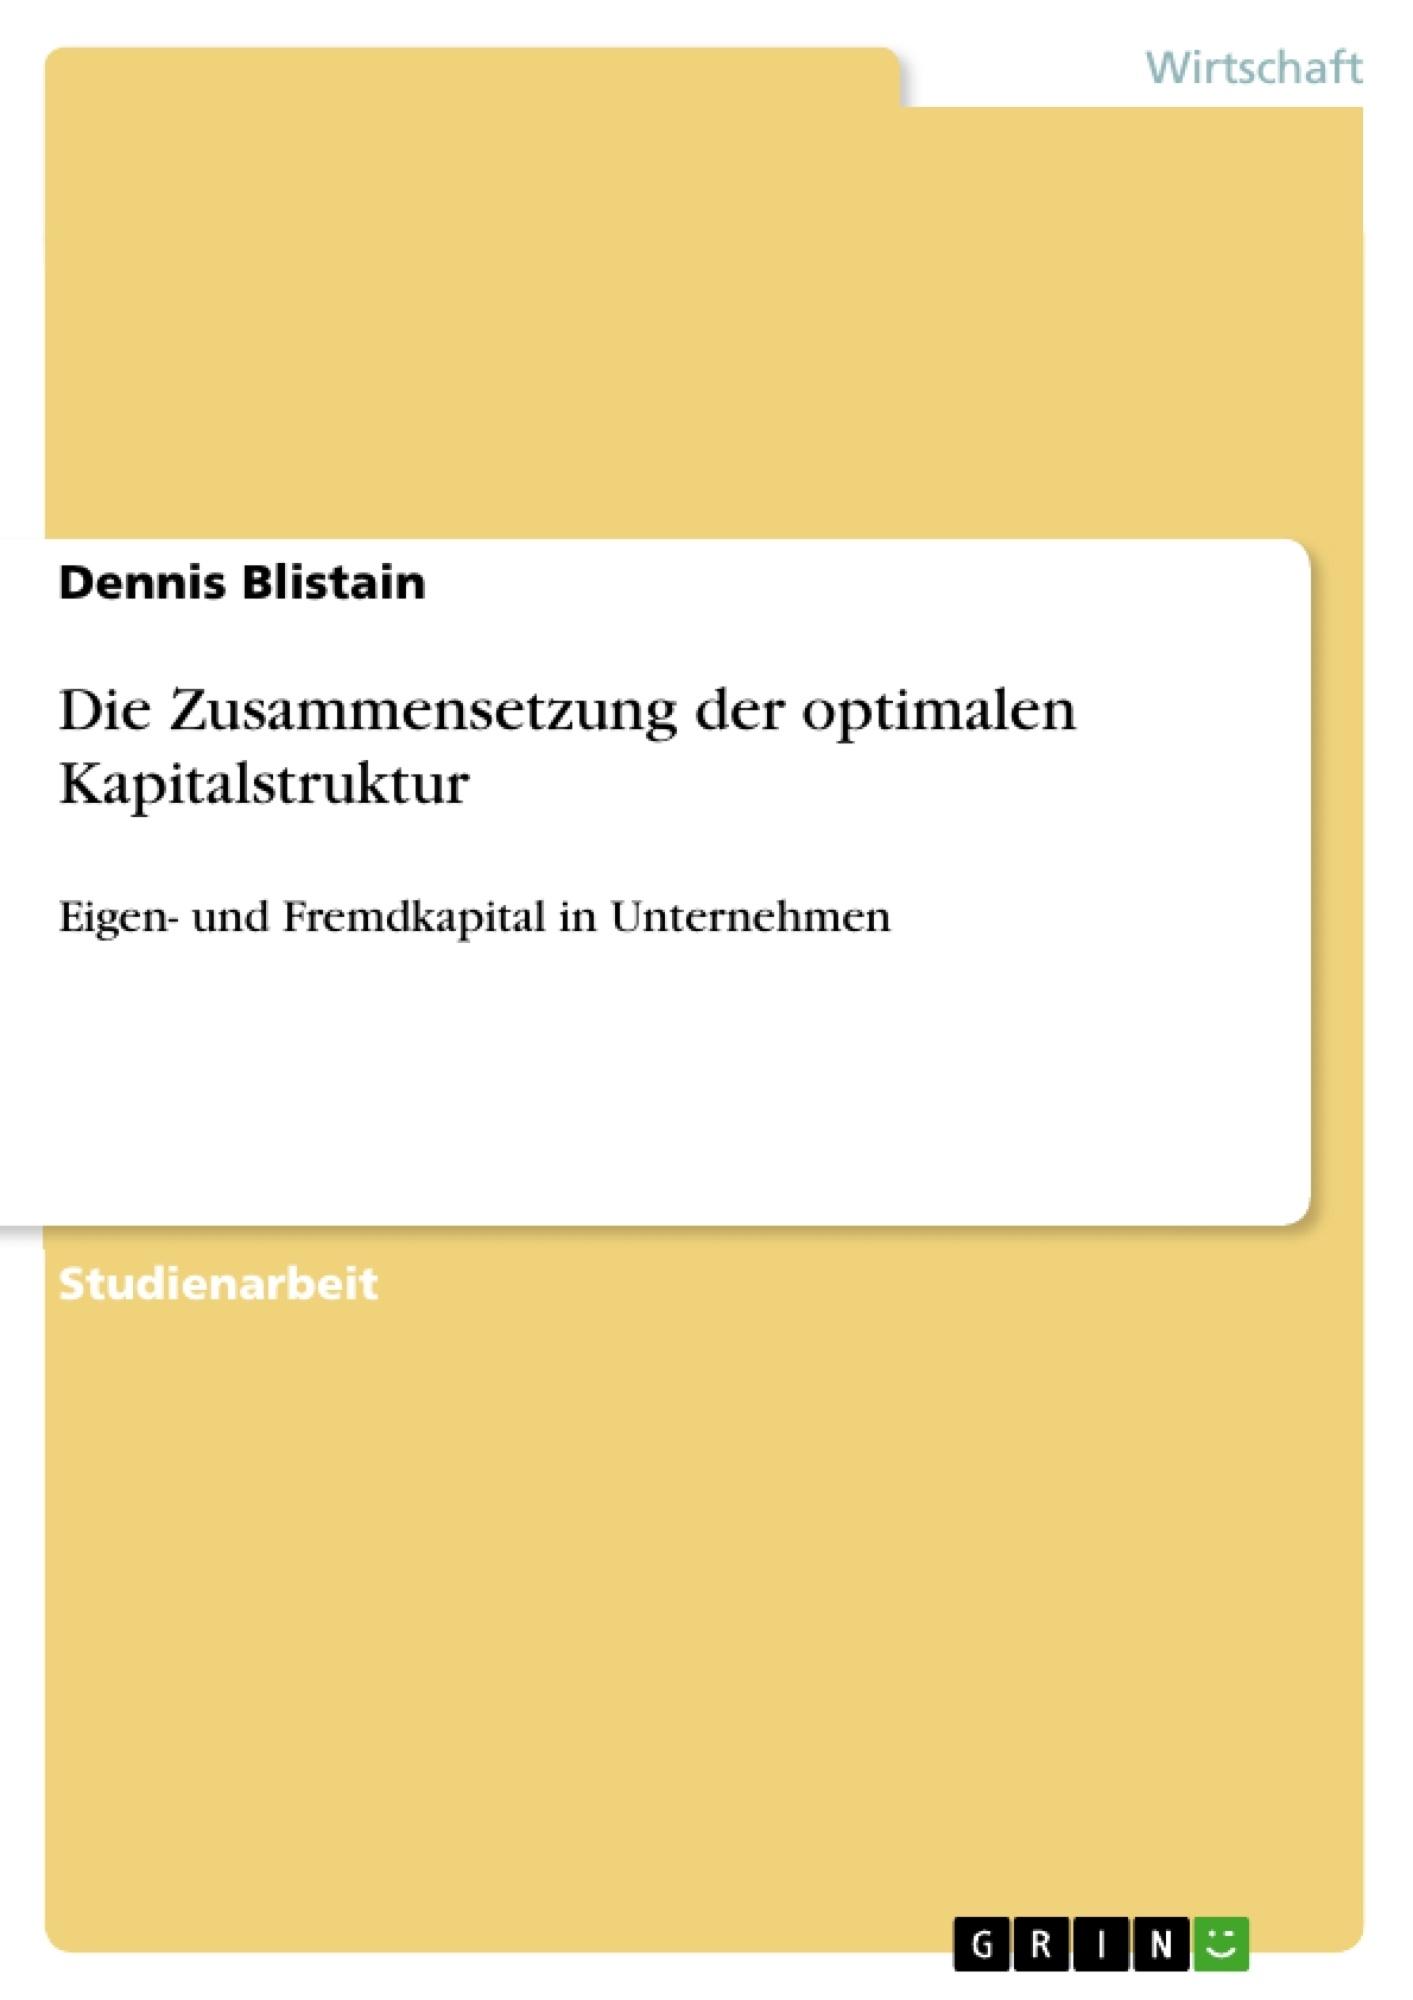 Titel: Die Zusammensetzung der optimalen Kapitalstruktur